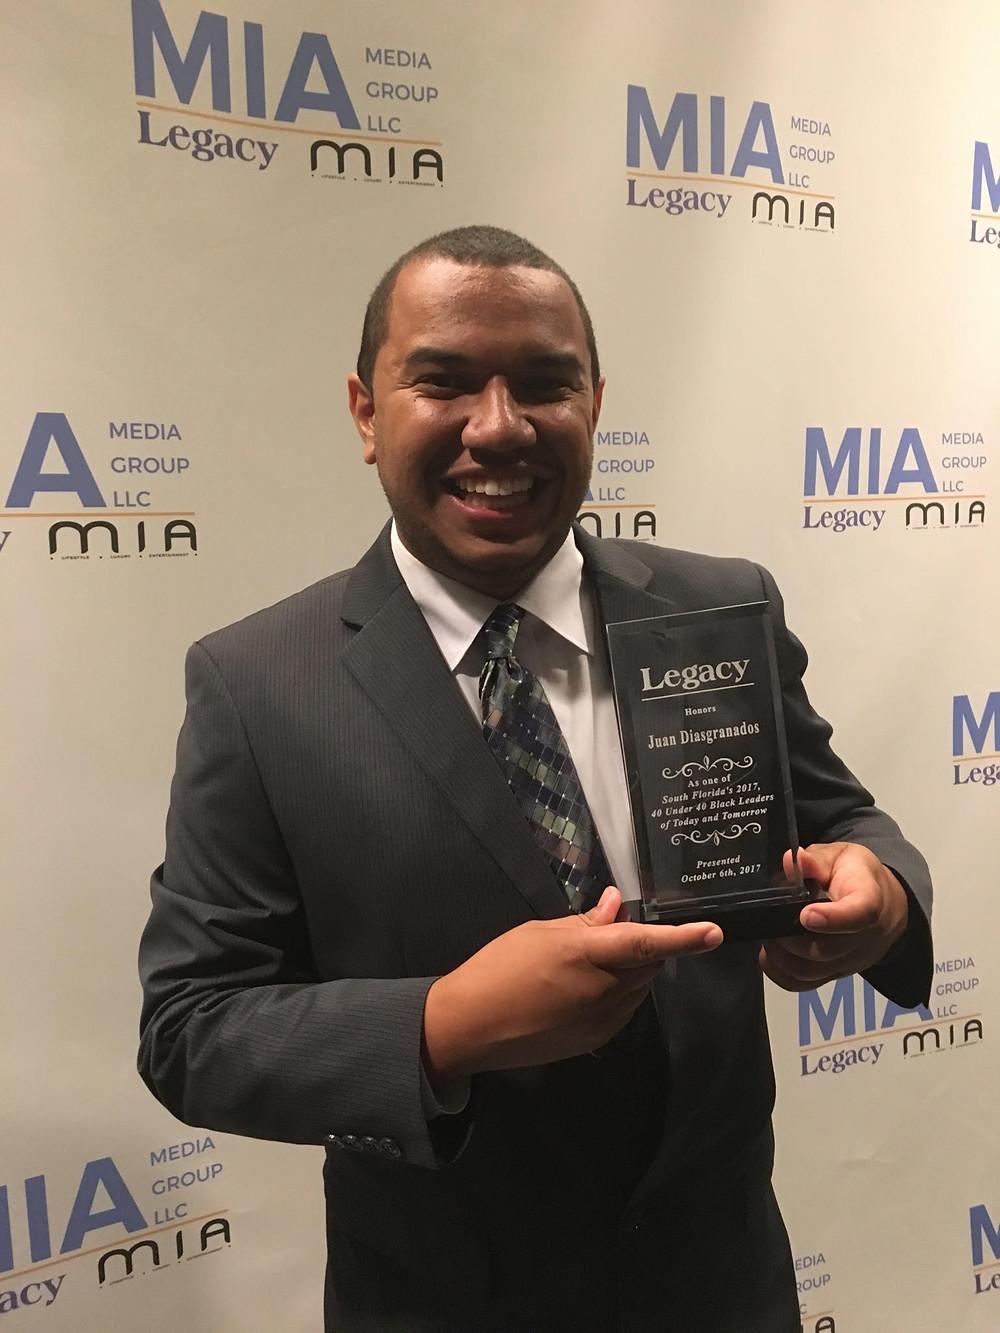 Juan Diasgranados proudly displays his Legacy Award.